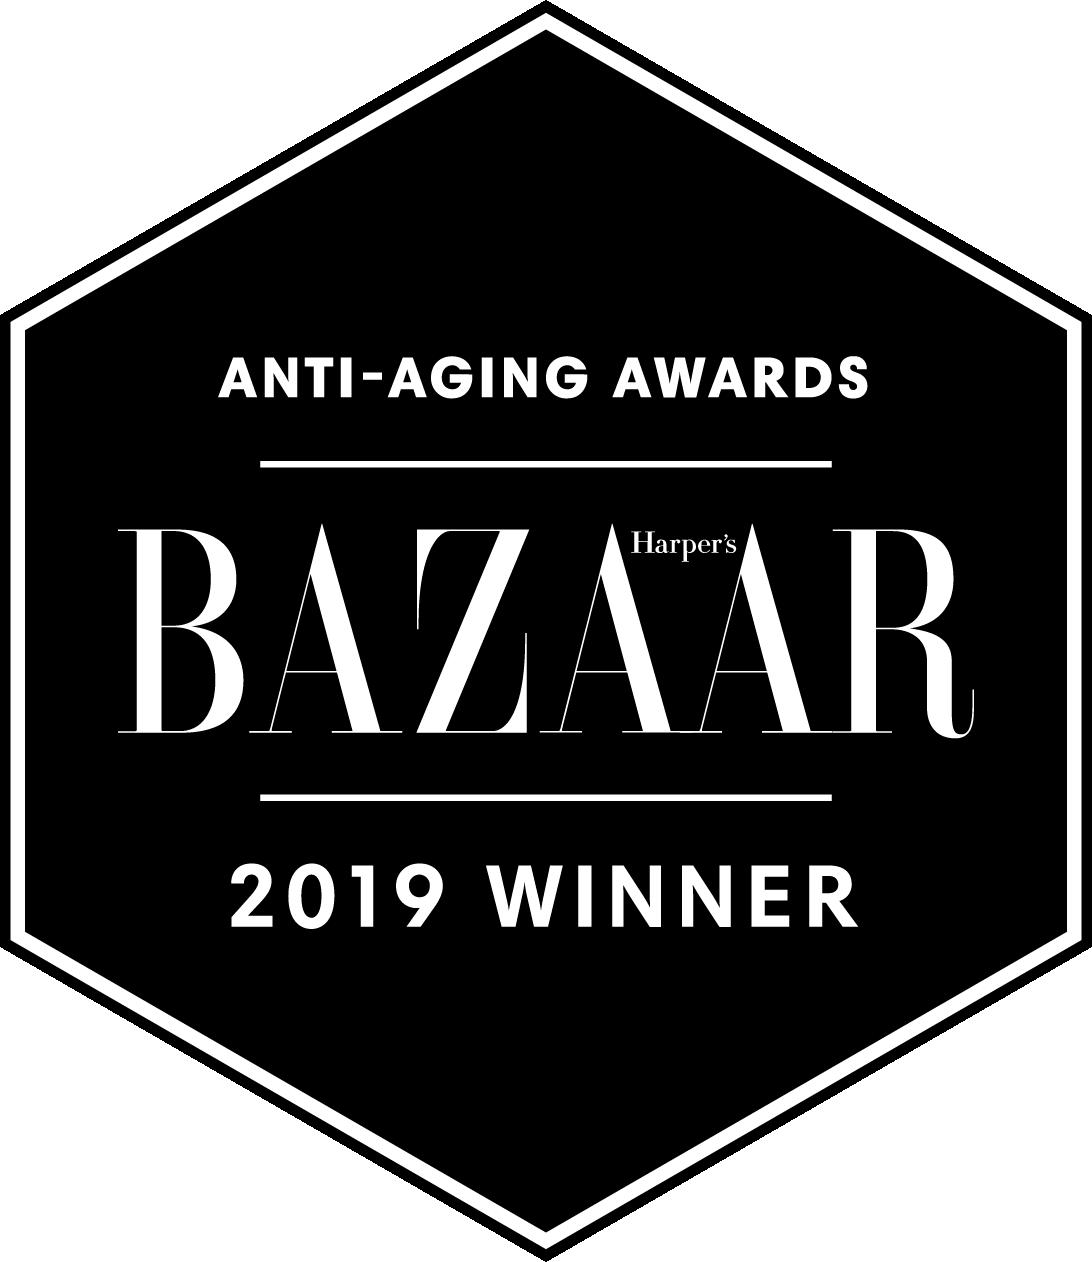 Harpers Bazaar award 2019 anti-aging